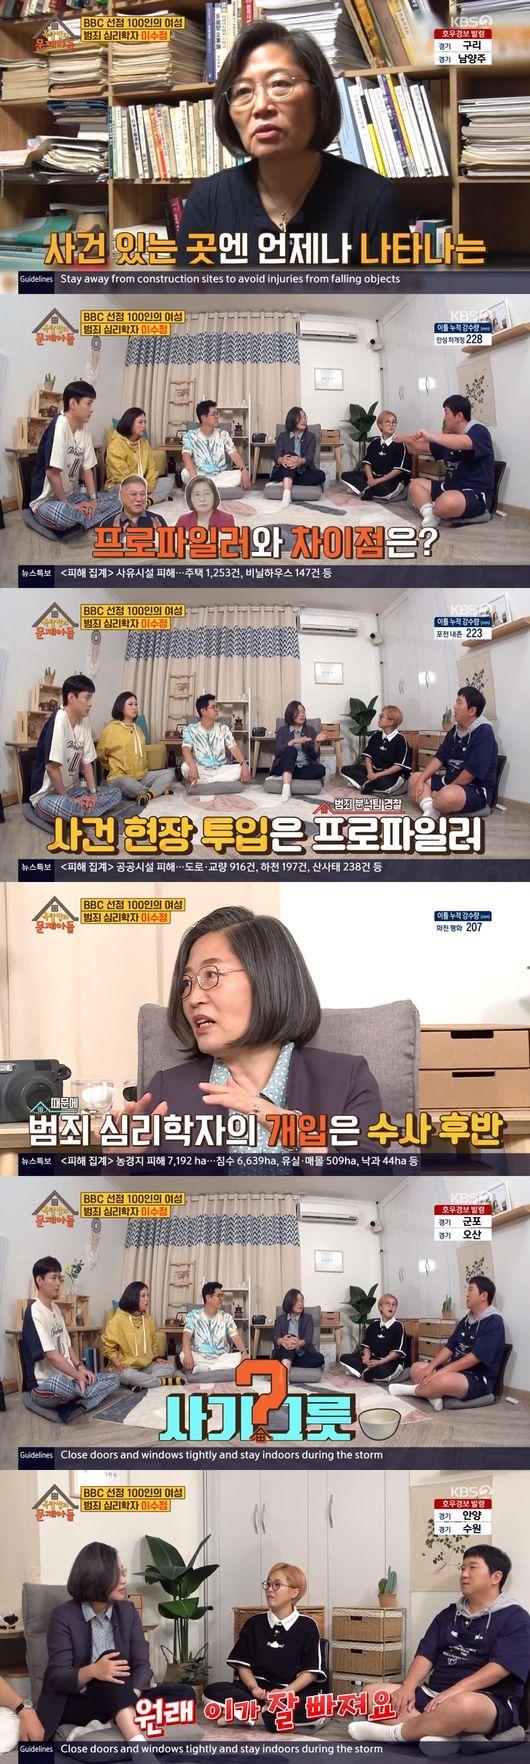 옥문아들 이수정, #걸크러쉬 #김남길♥ #연쇄살인사건… 더 이상 눈물은 없다 [종합]